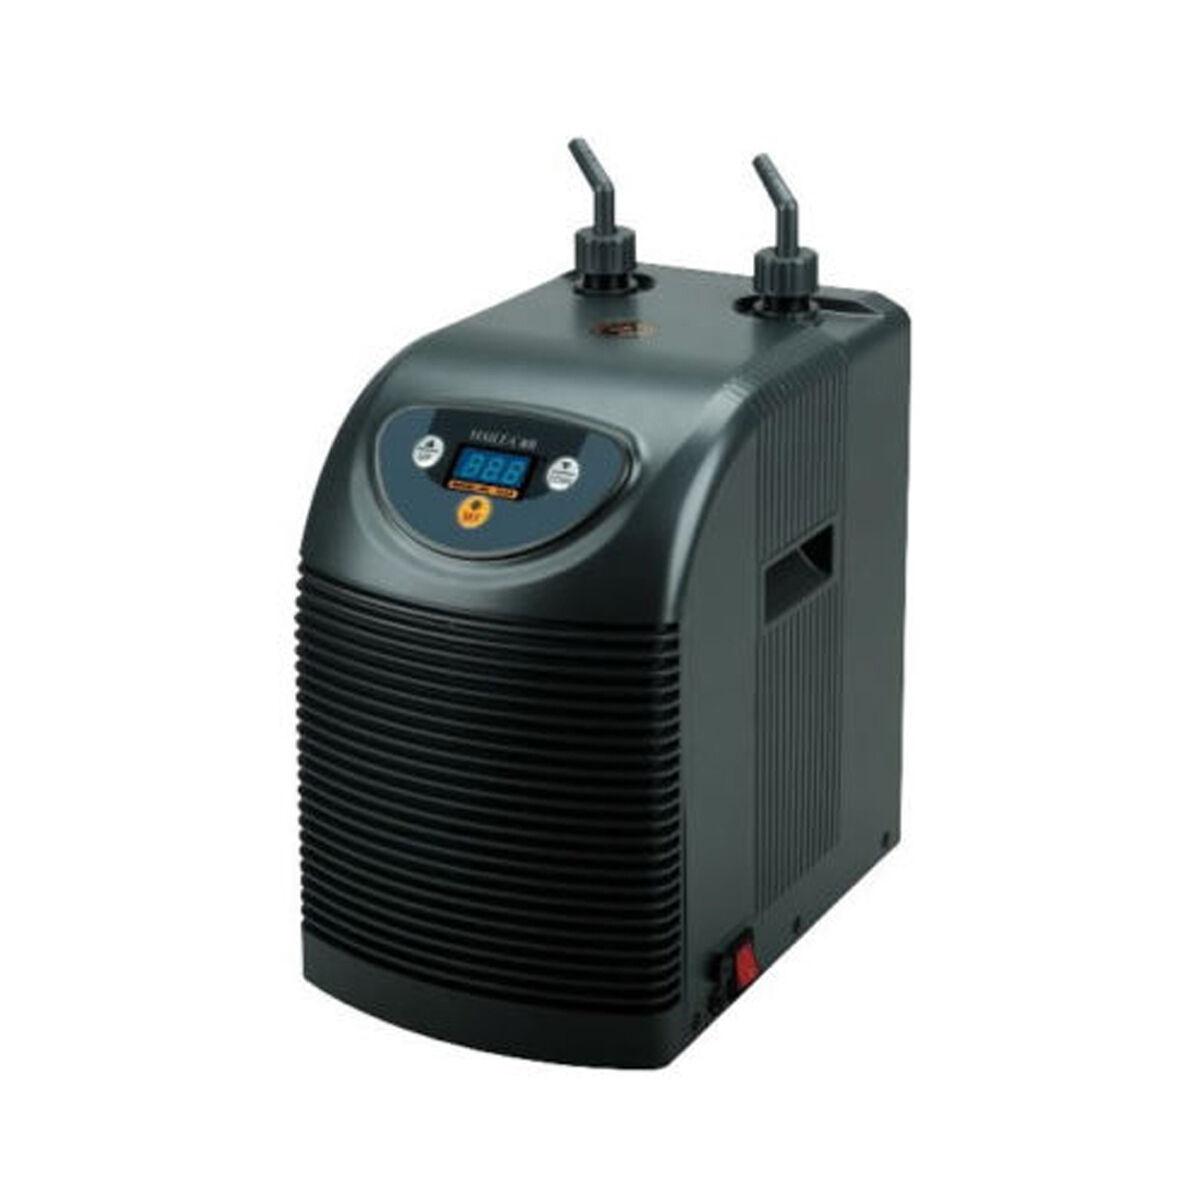 Refrigeratore Refrigeratore Refrigeratore d'acqua acquario Hailea HC 100A 100 litri di capacità di raffreddonnato  NUOVO  9124c5